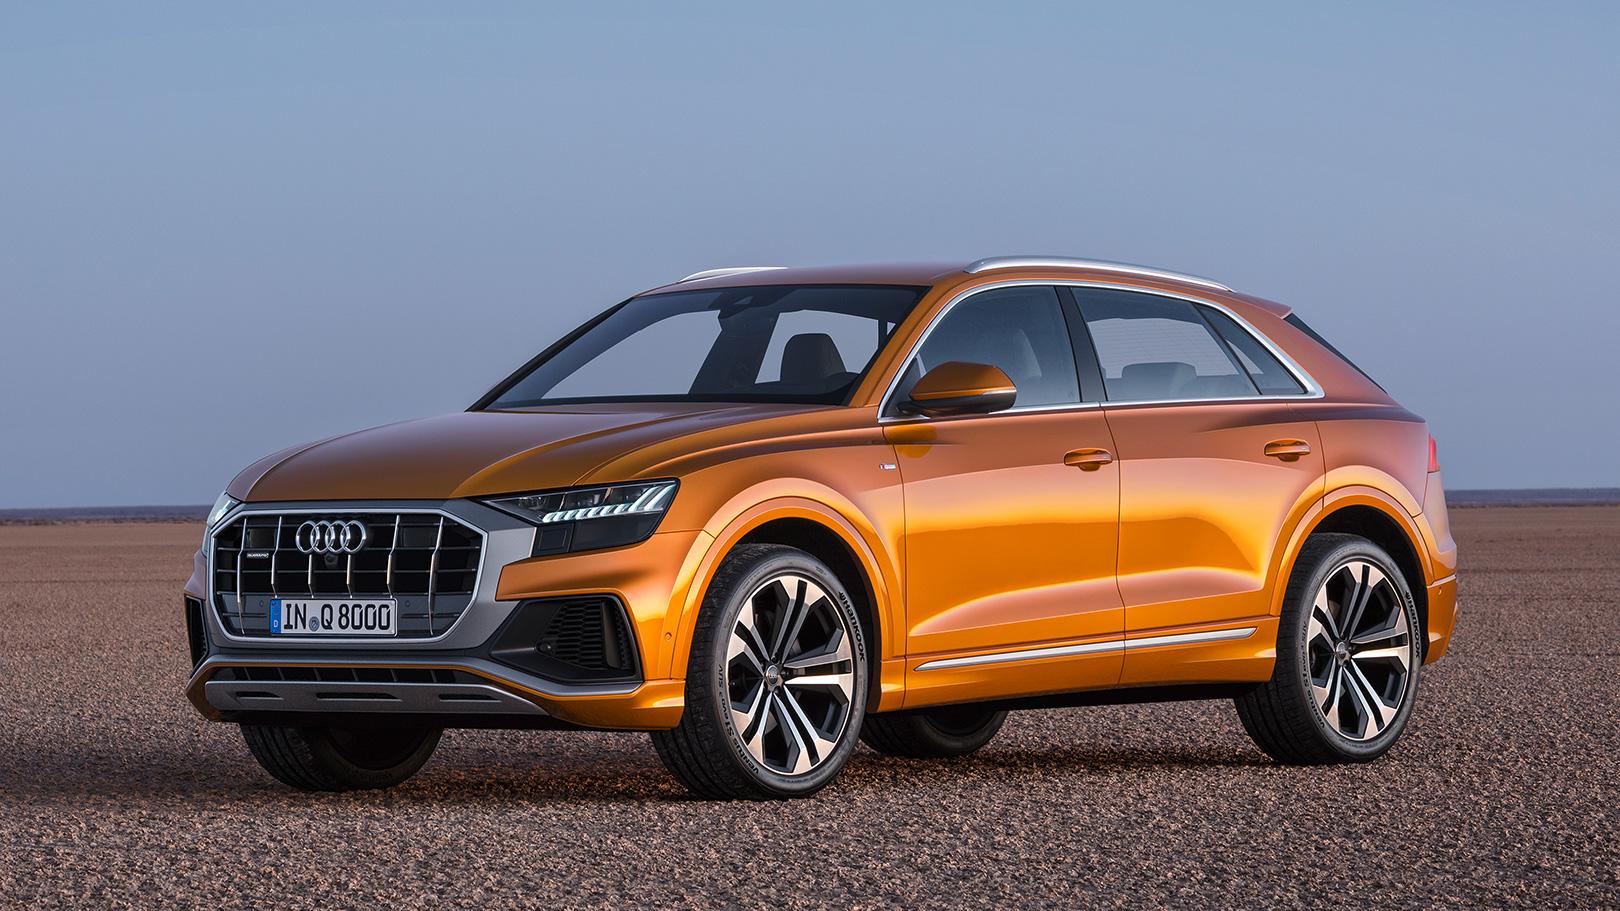 Audi Q8 ауди Q8 стоимость цена характеристика и фото